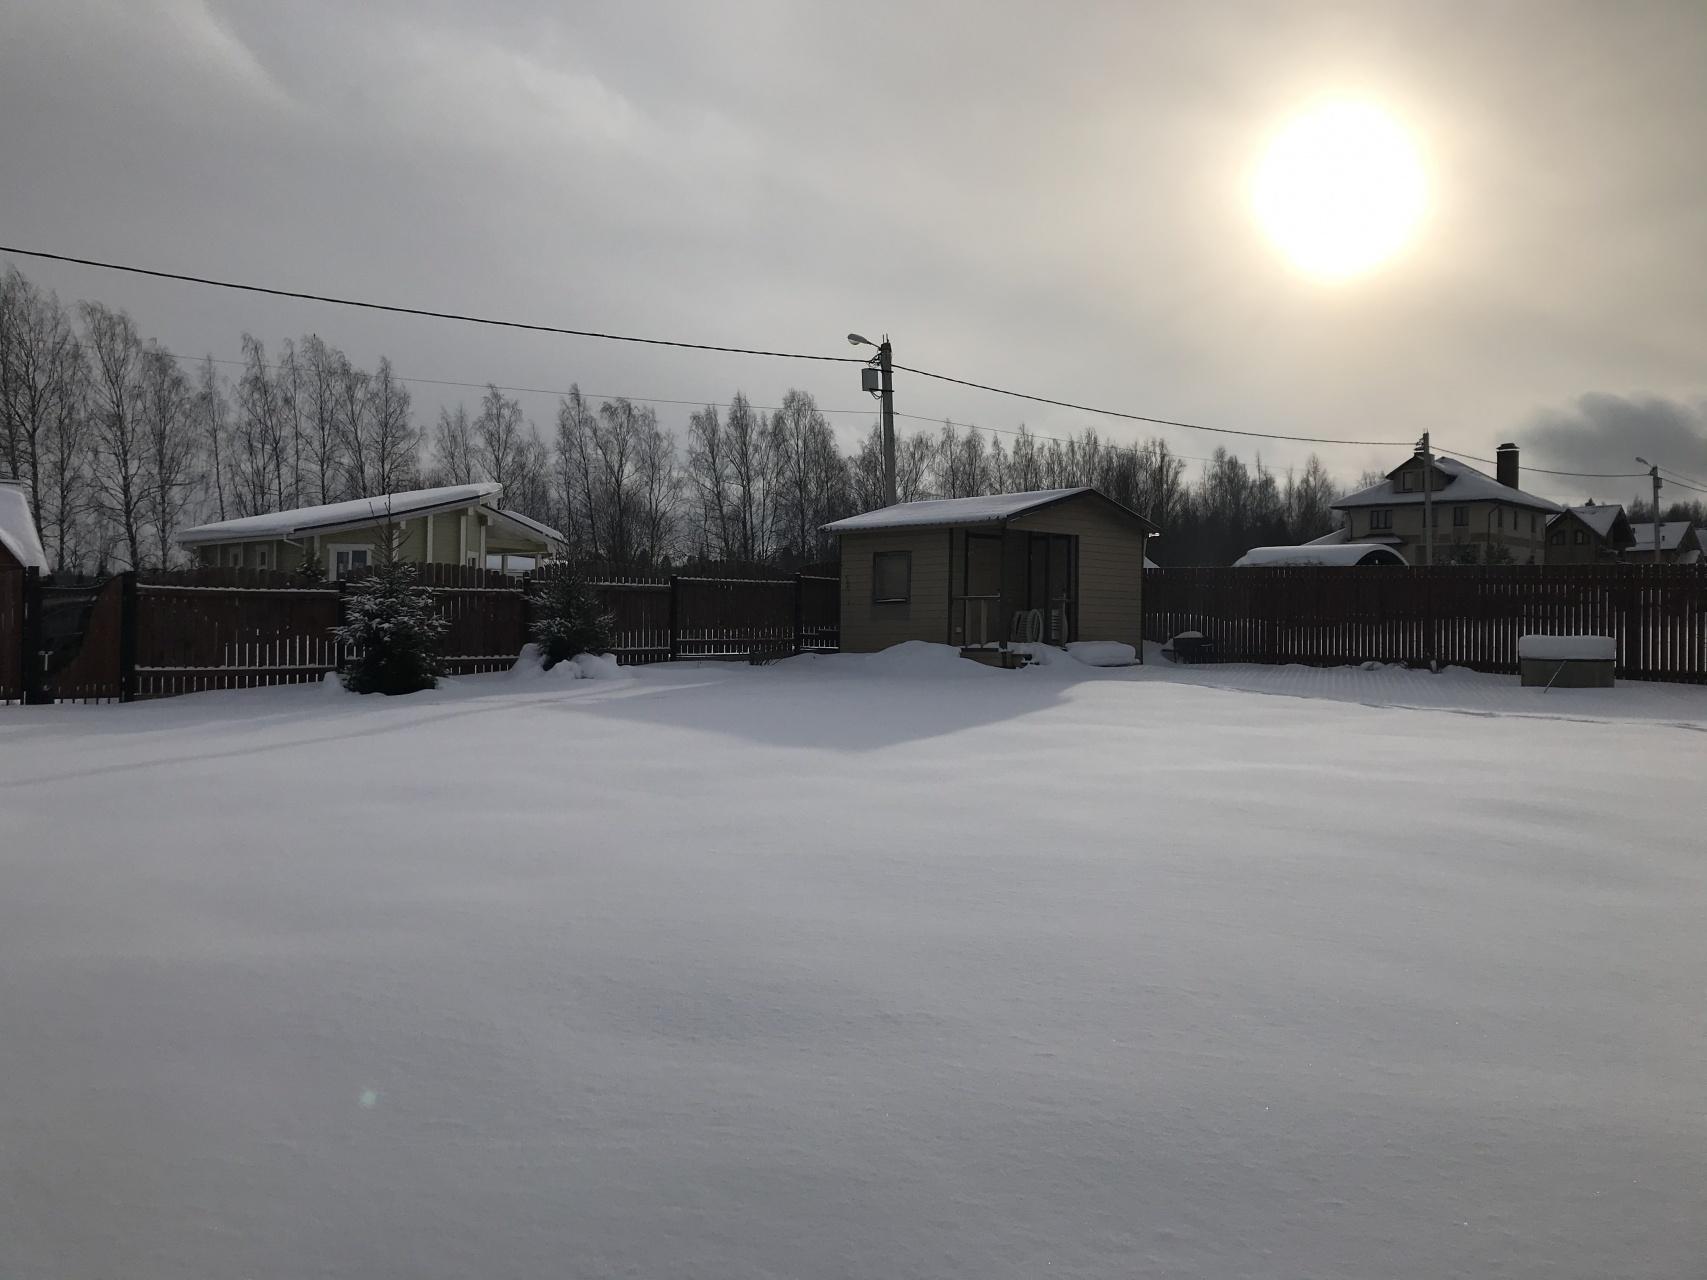 Продам участок 8.57 соток, ДНП, поселок КП Анютины Глазки, Кореньки д, 0 км от города